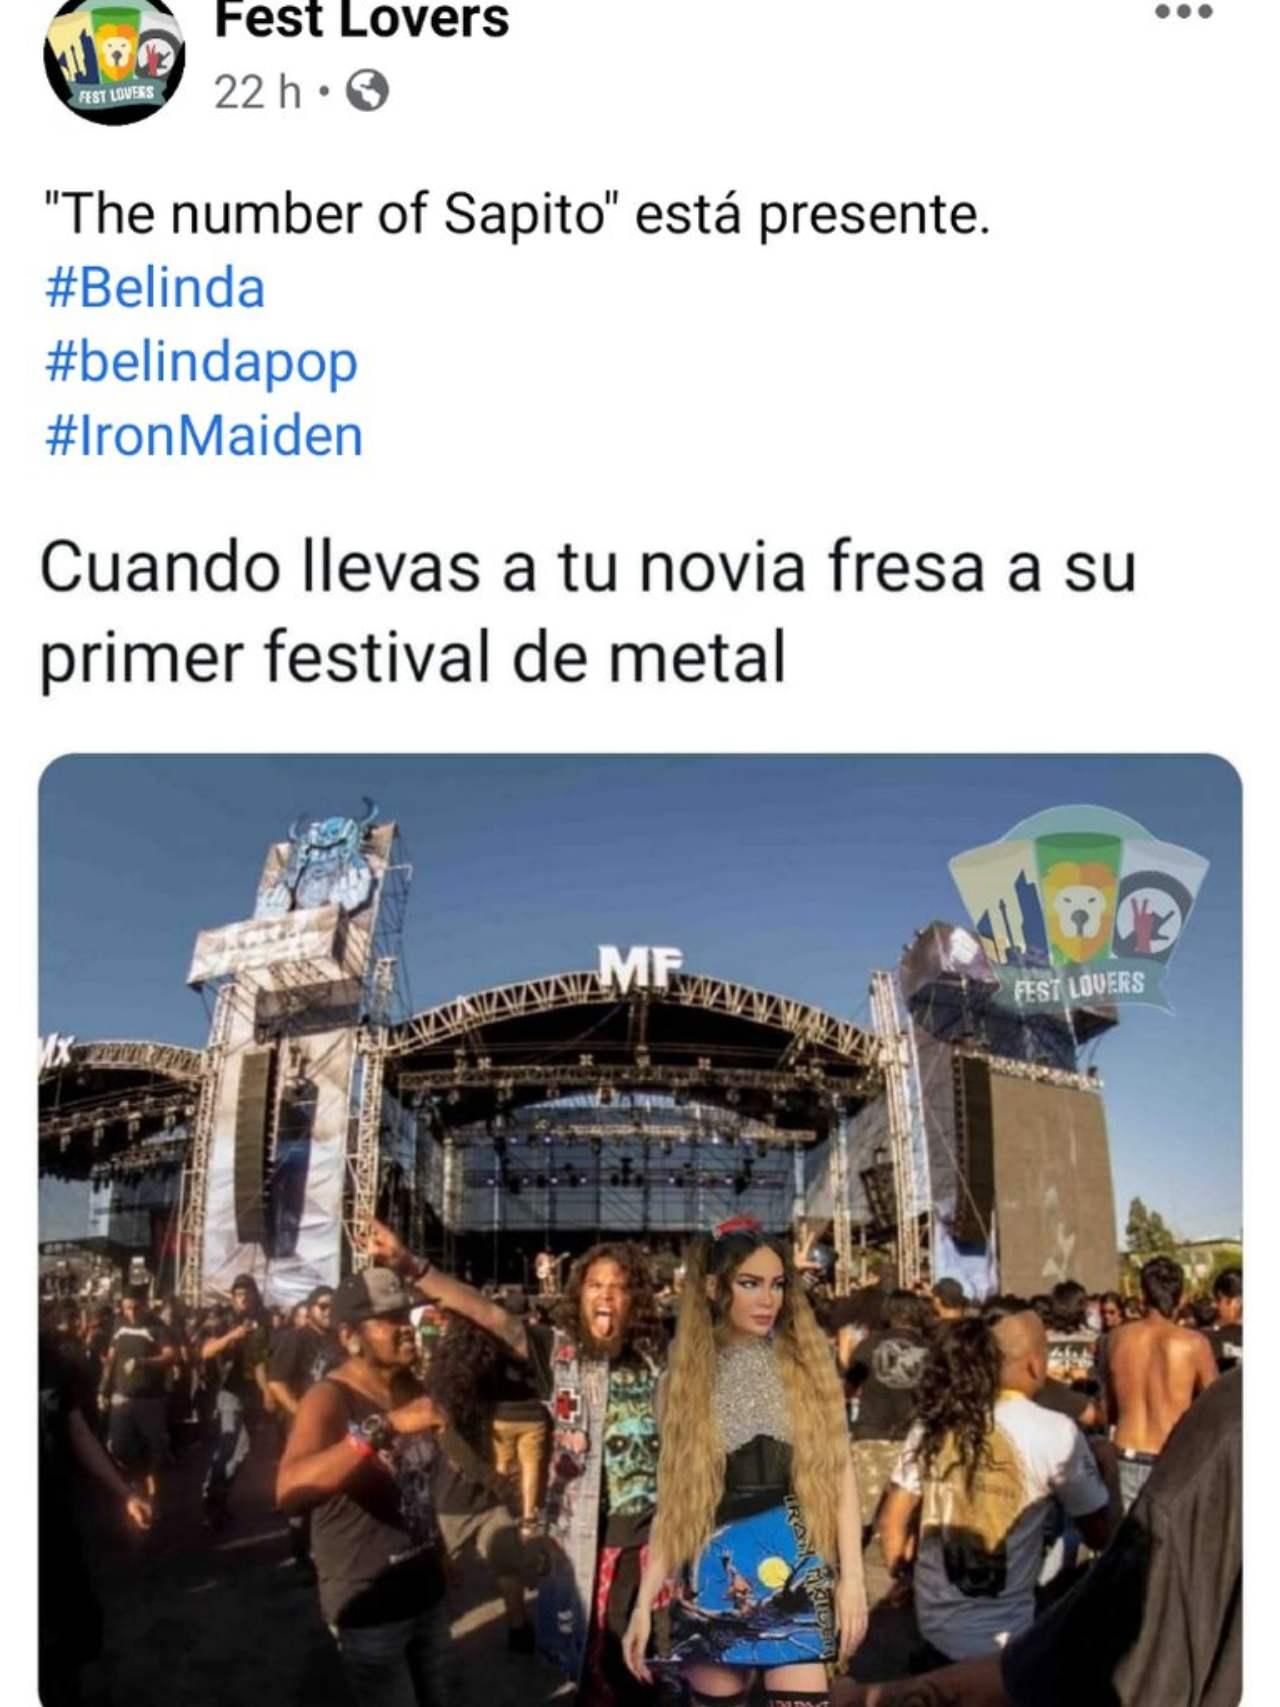 La novia fresa fan del metal